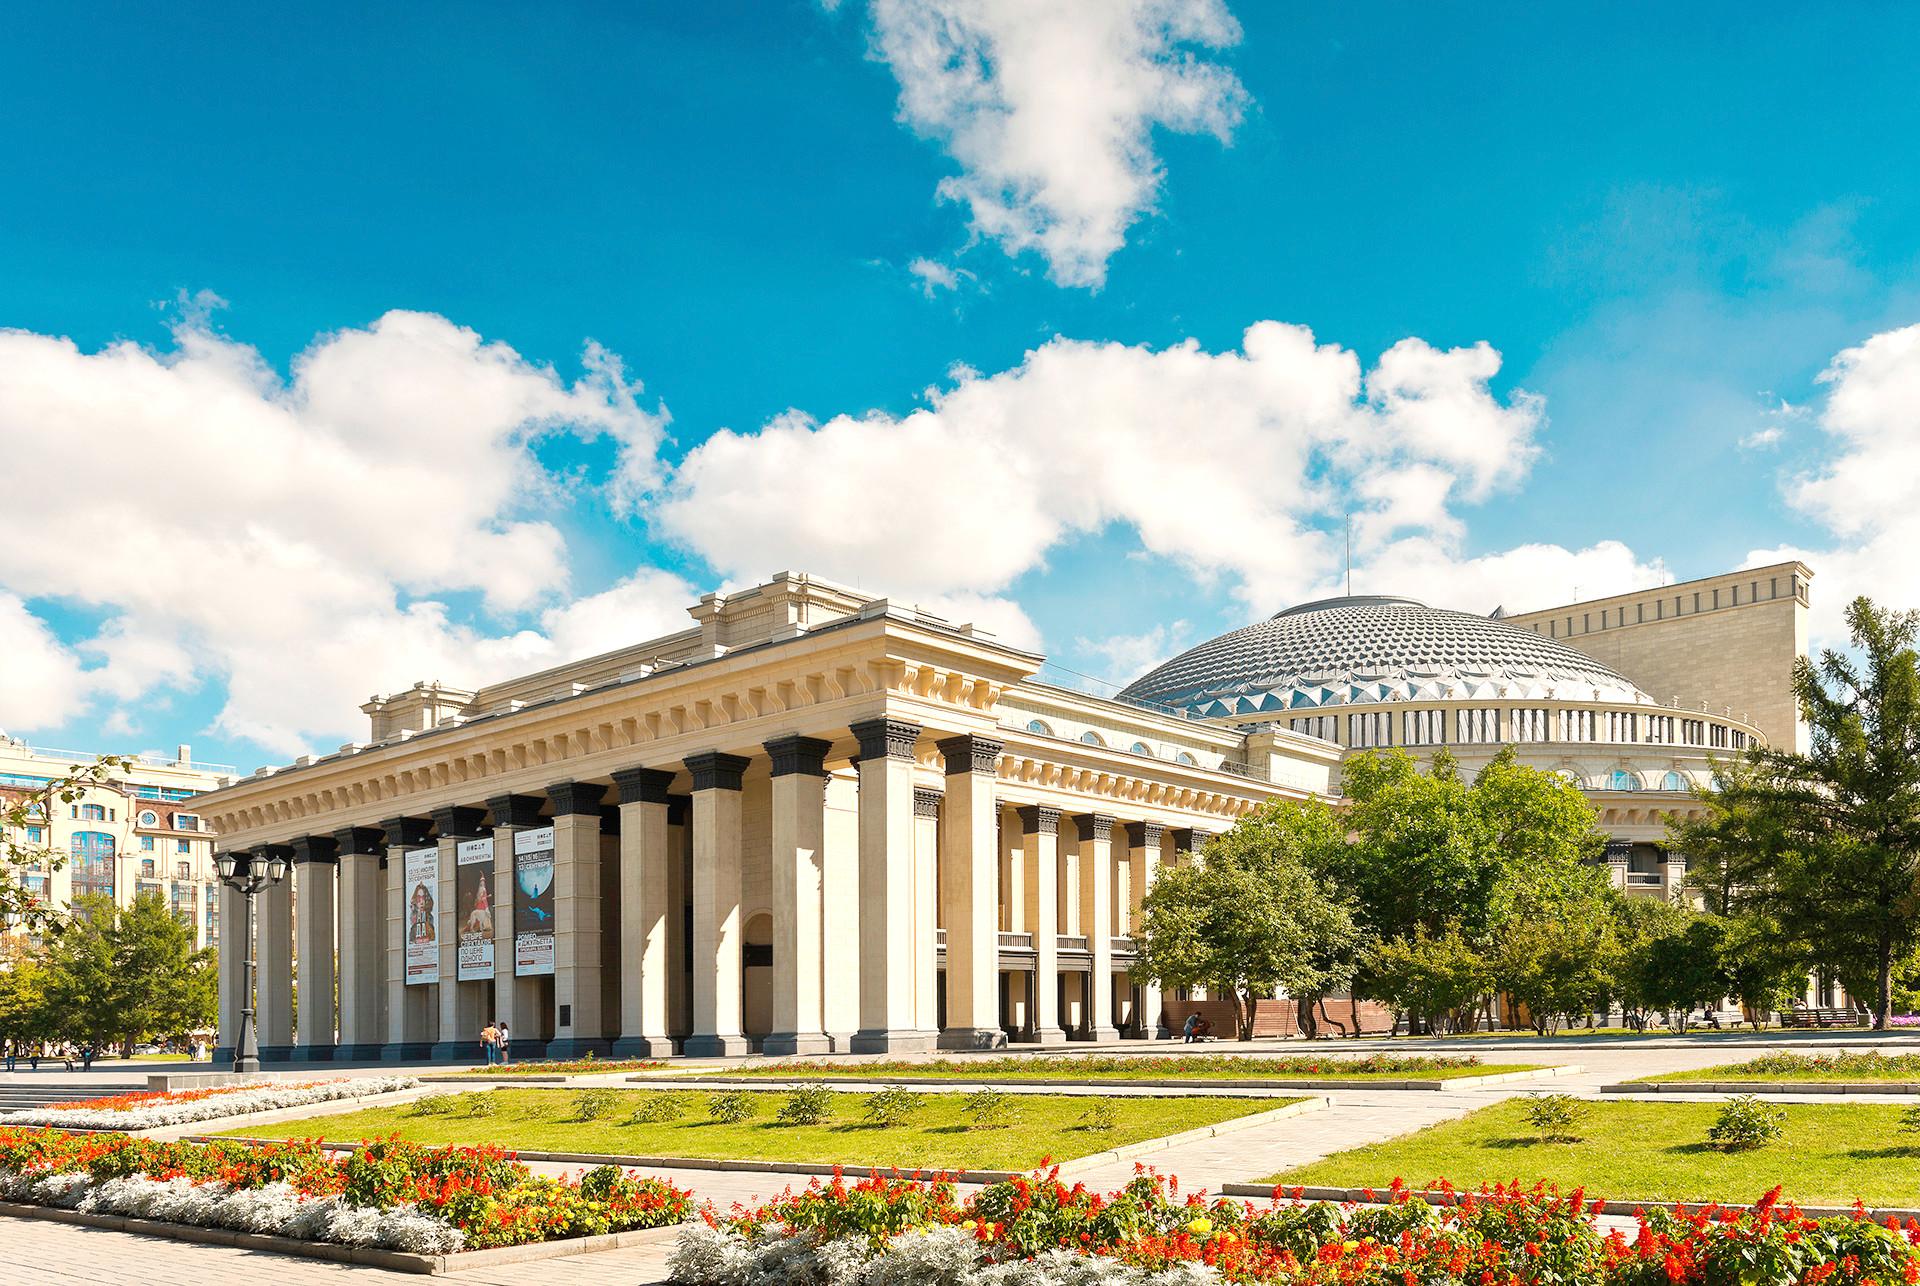 Das Nowosibirsker Ballett- und Schauspielhaus